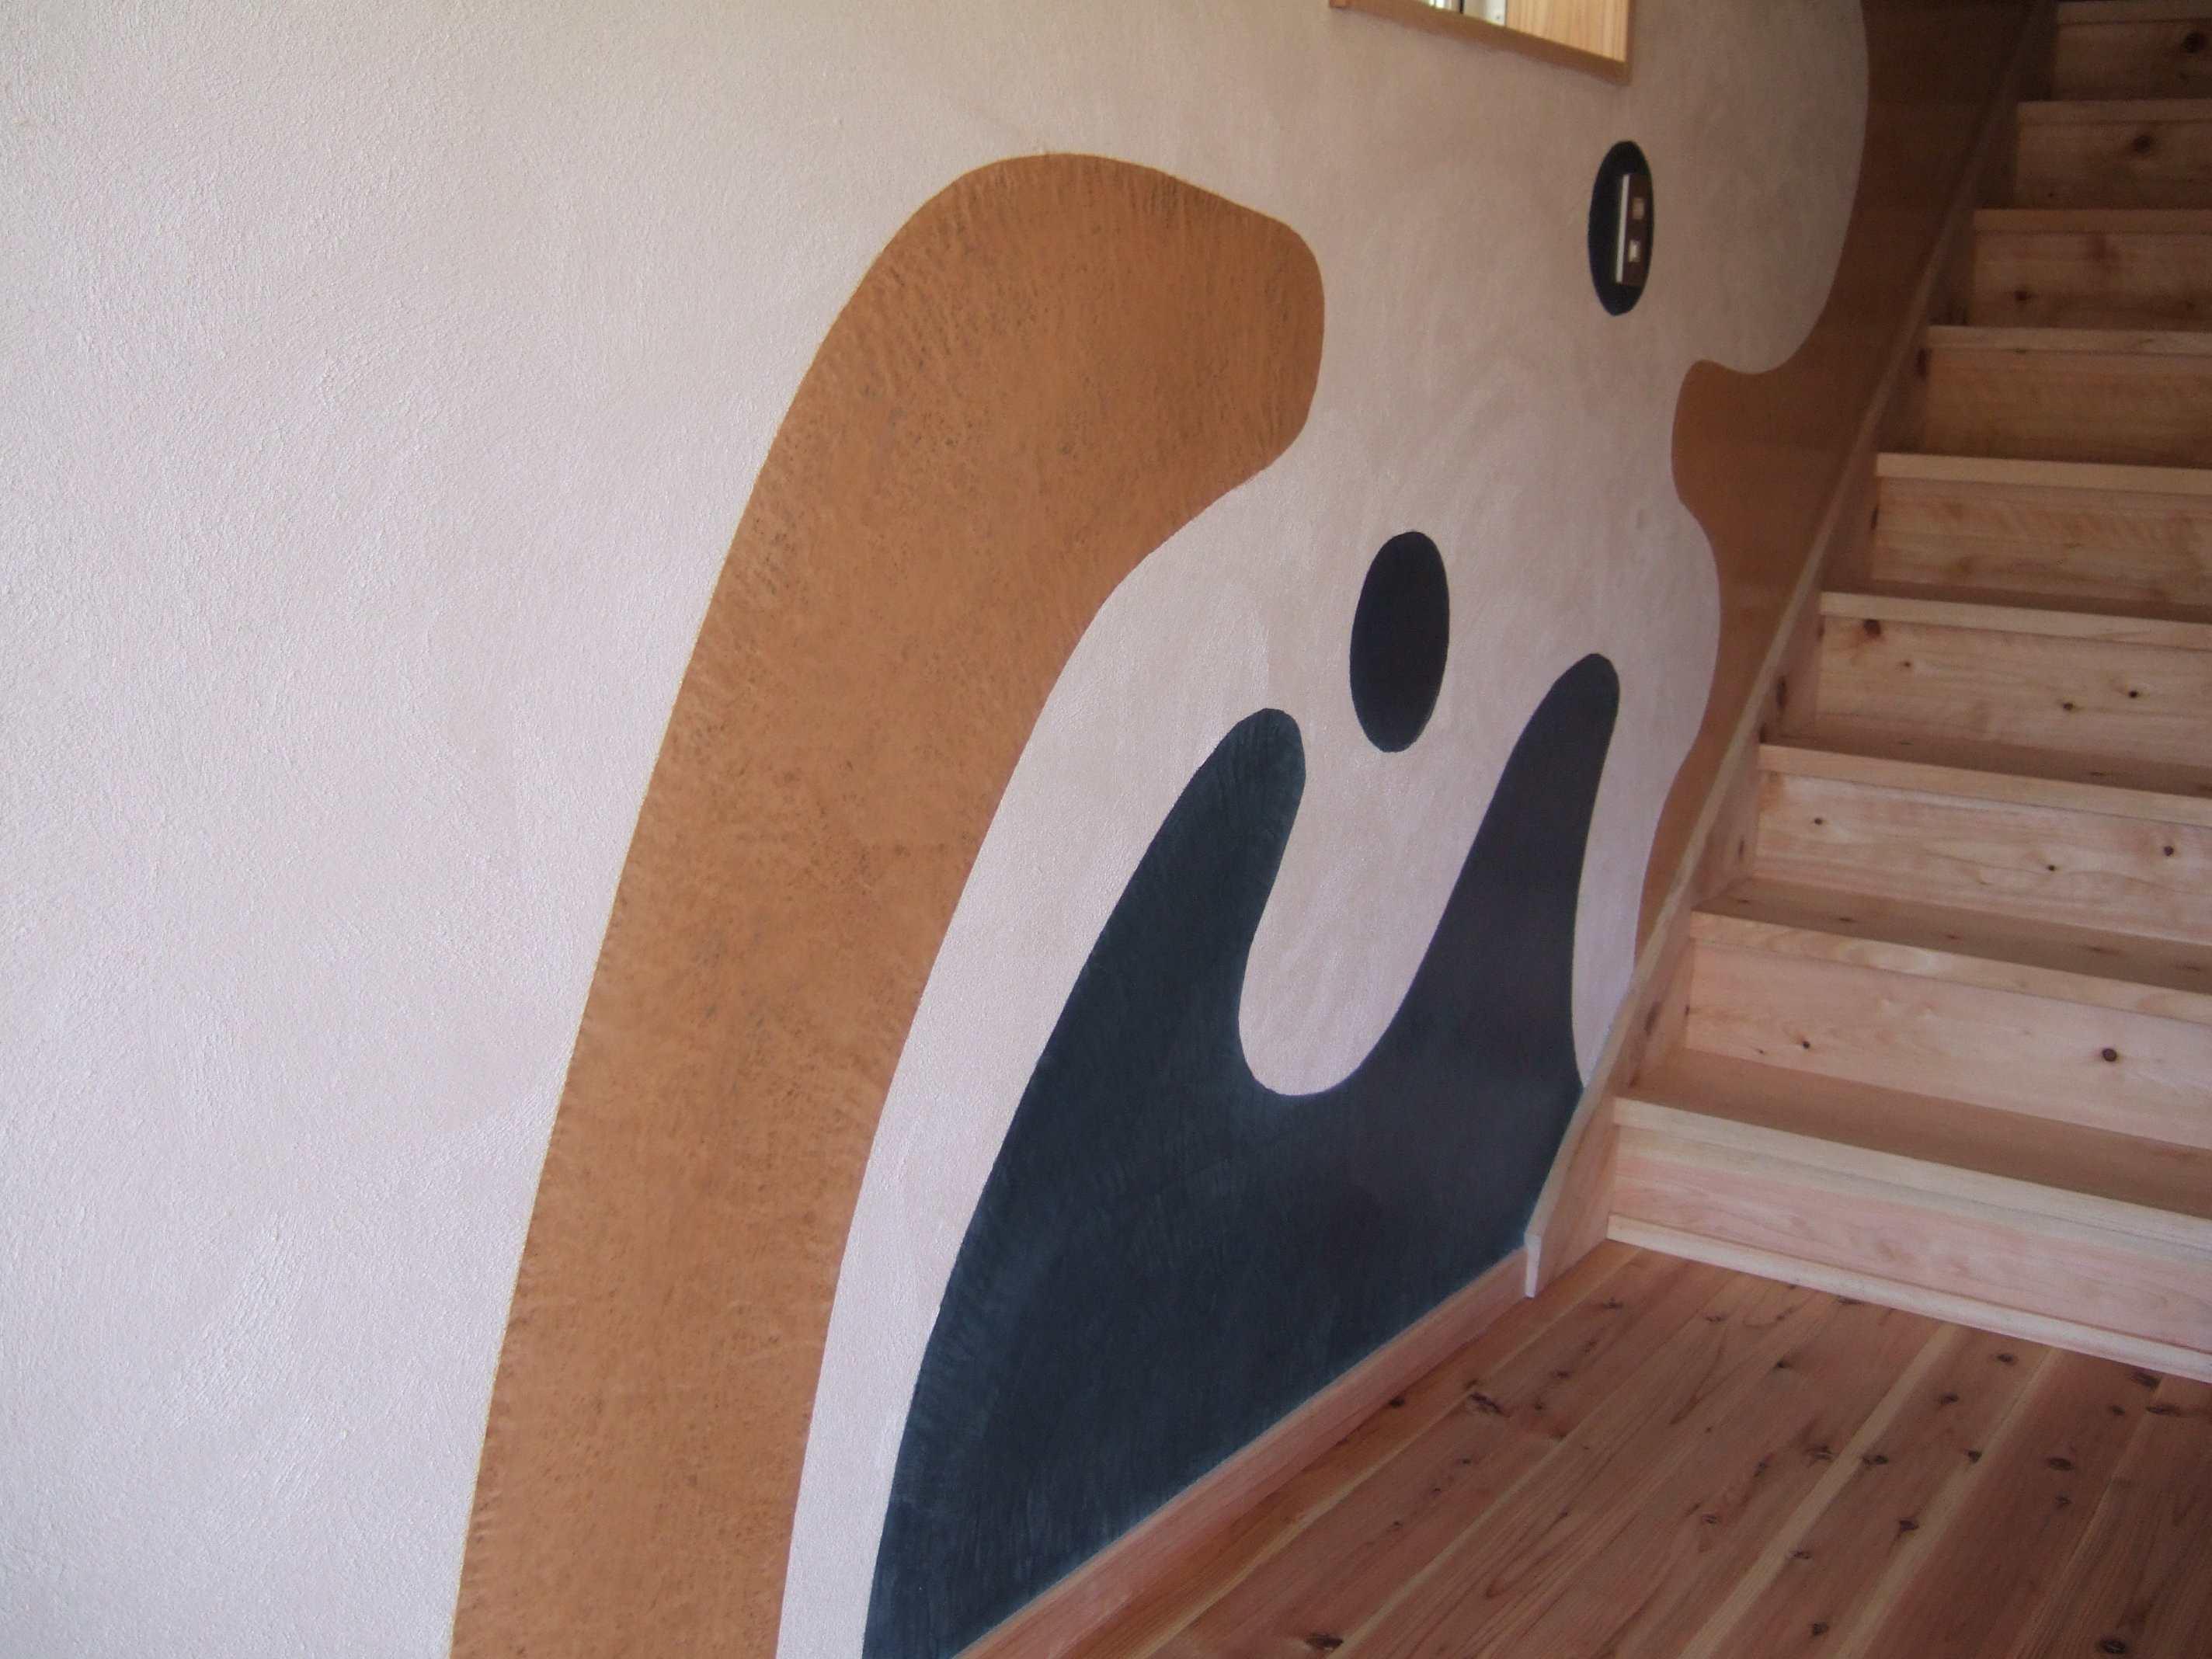 住宅の階段室